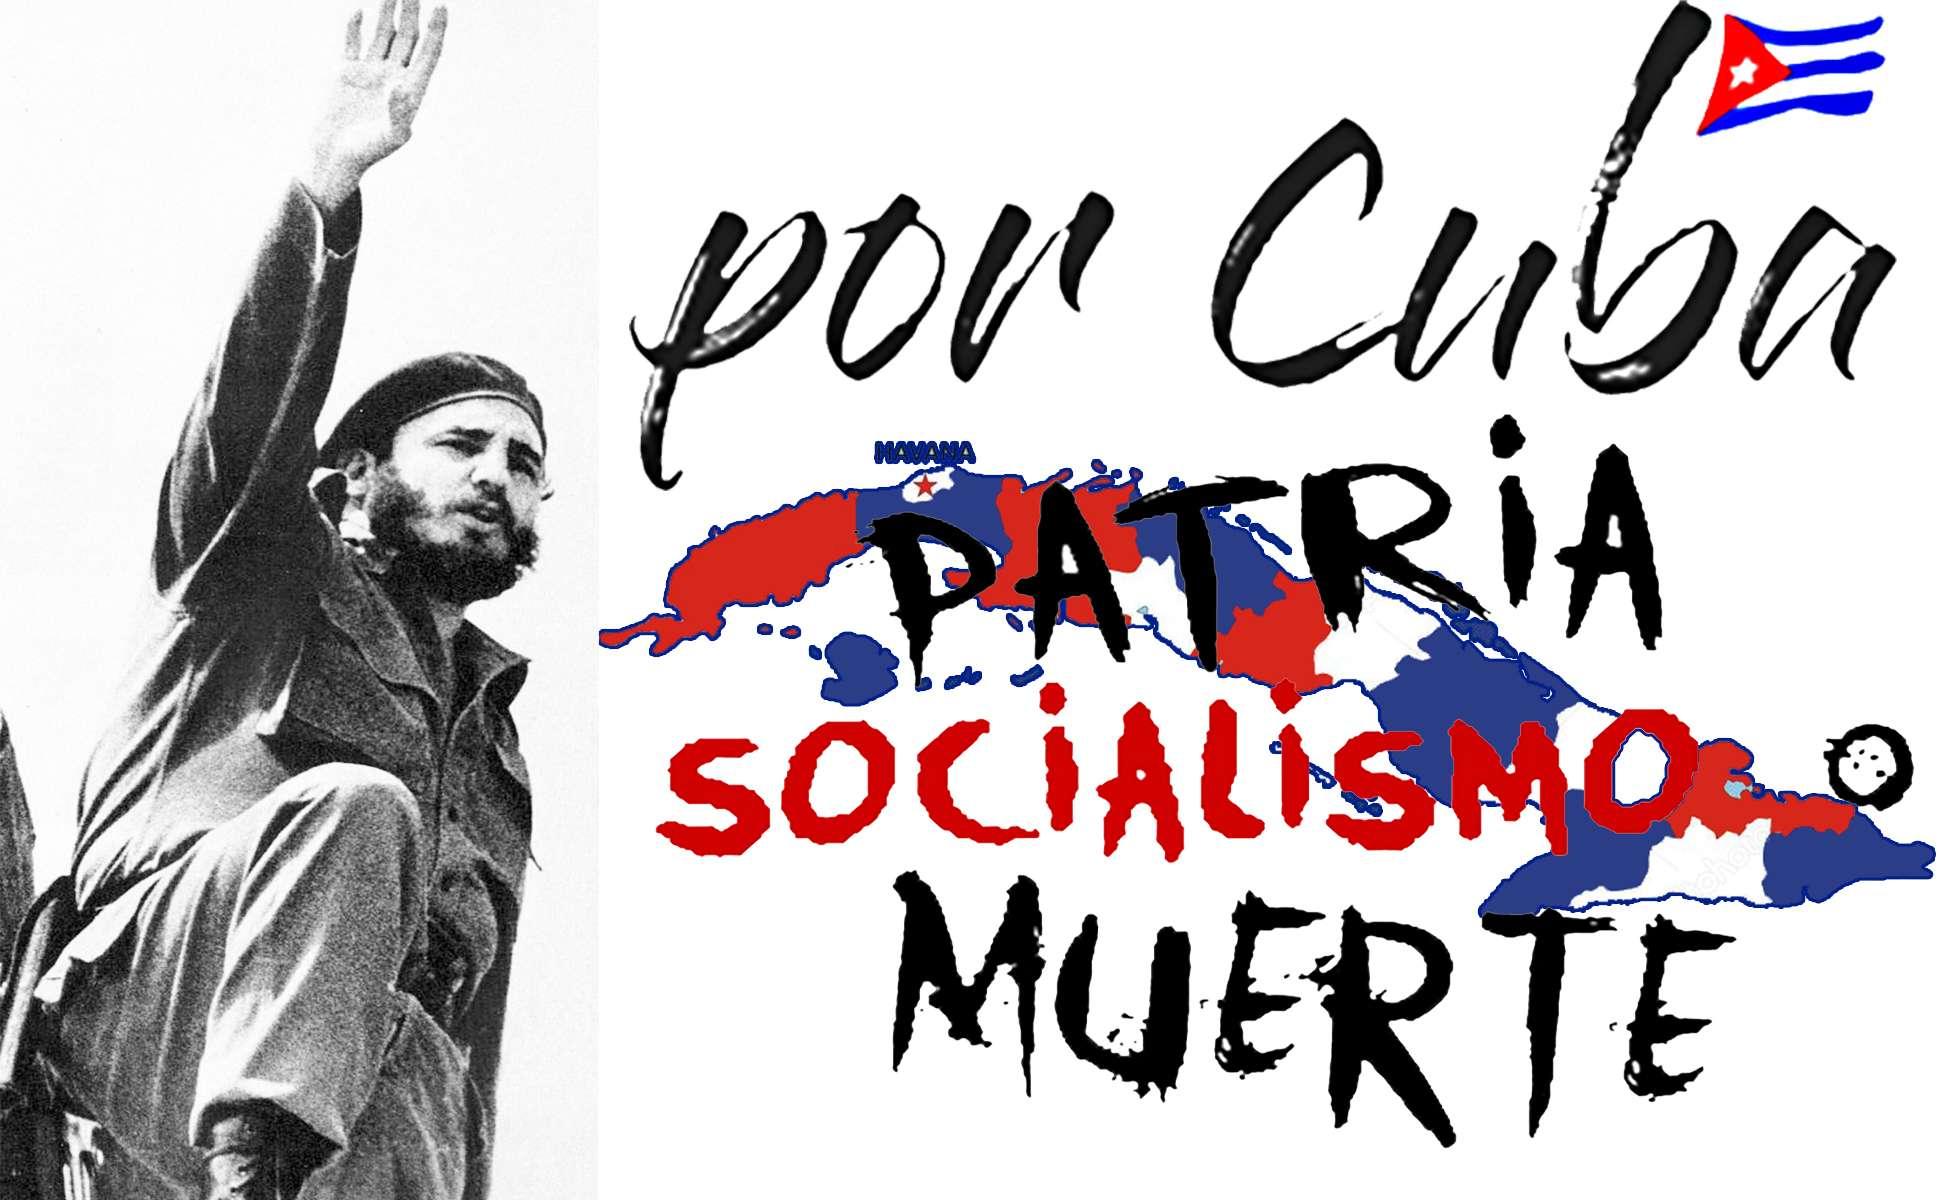 Patria o muerte Socialismo o Muerte Venceremos Fidel